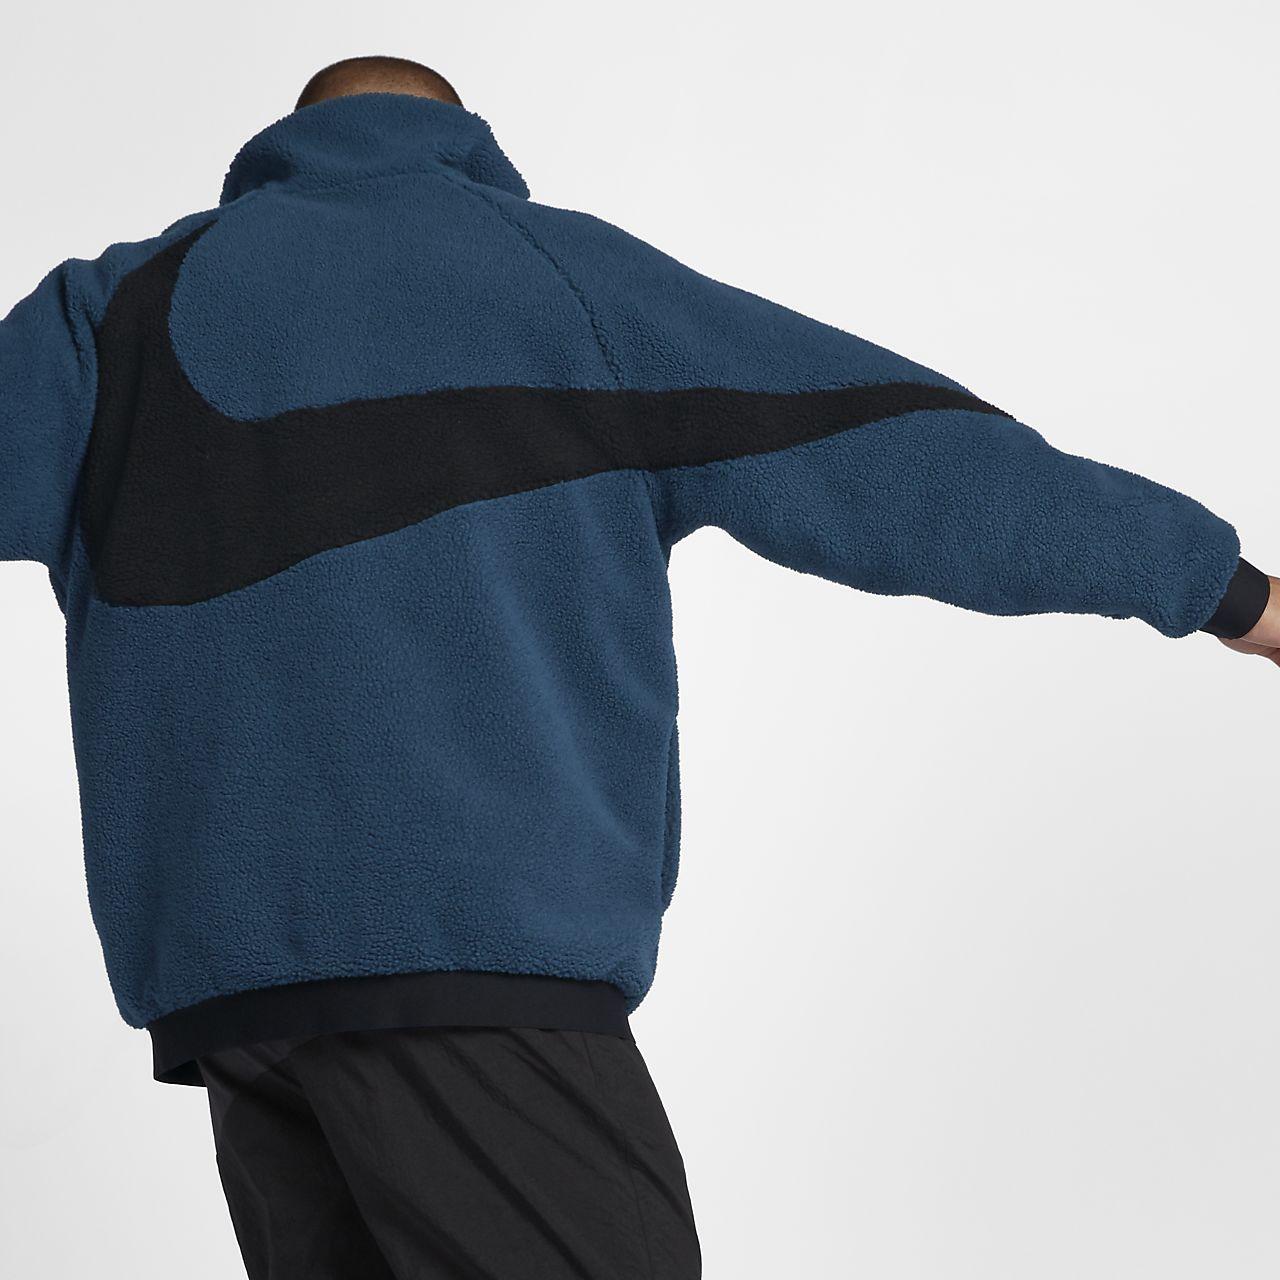 best service e5a8e 0bb64 Low Resolution Veste réversible Nike Sportswear Veste réversible Nike  Sportswear